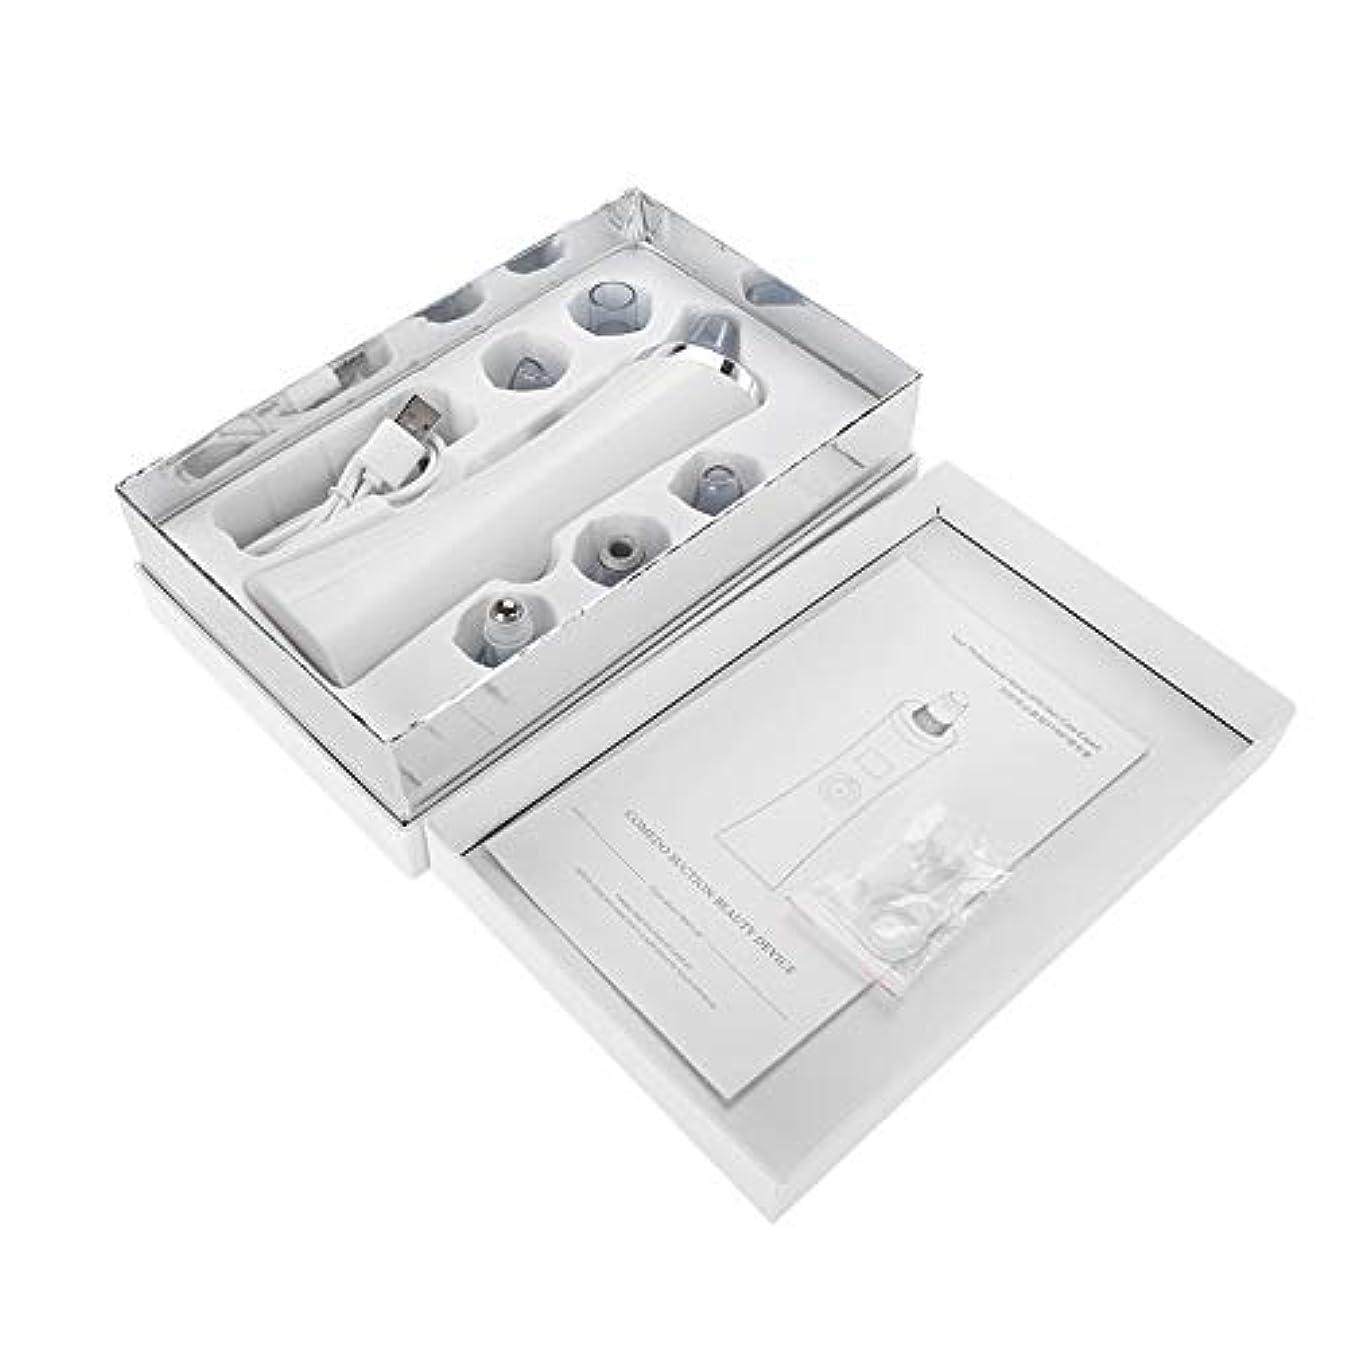 里親保護するストロークにきび除去剤、充電式ポアクリーナー、にきび除去剤、にきび除去剤、にきび除去剤